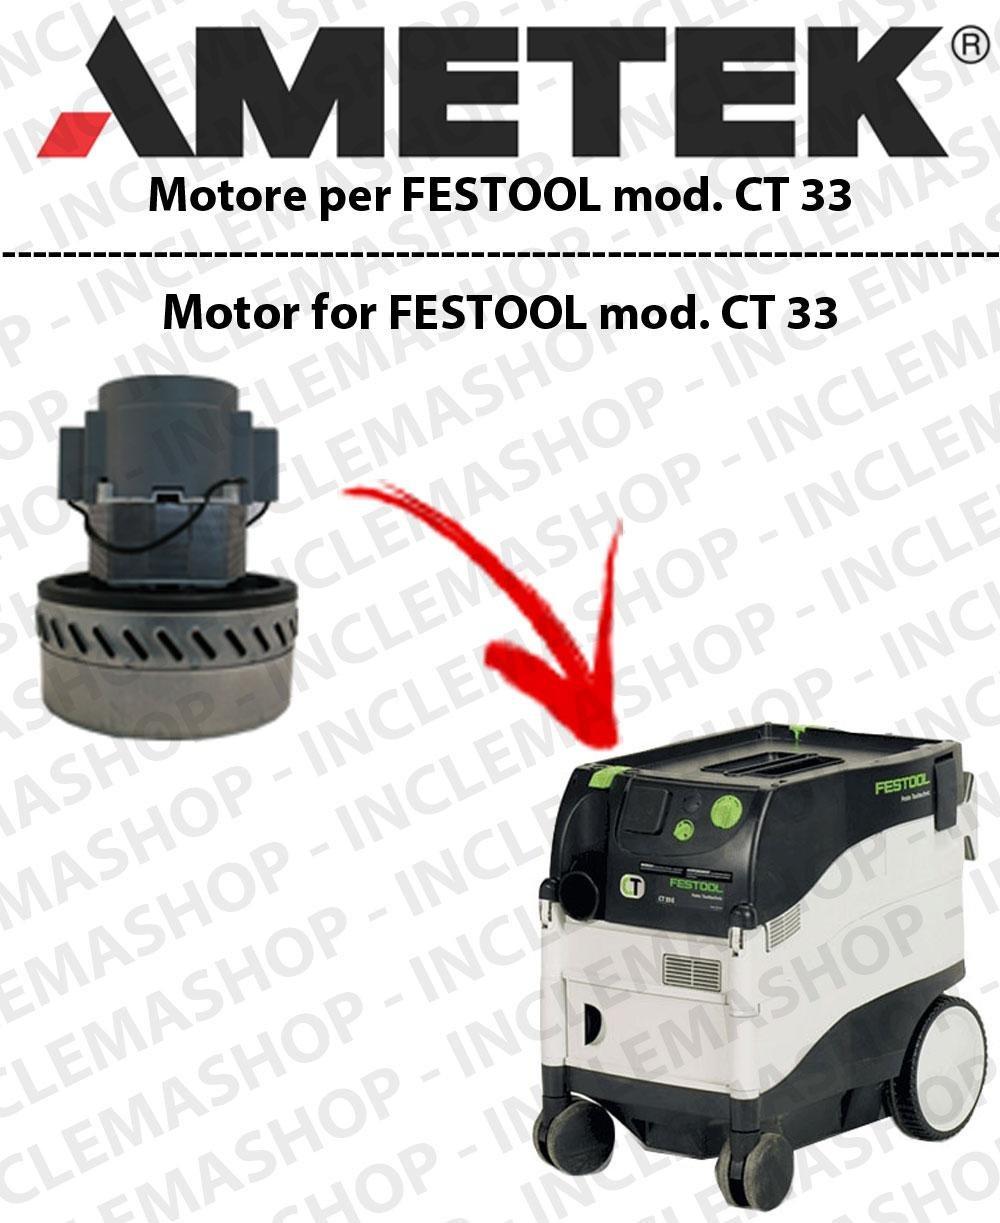 CT 33 Motor aspiración ametek para aspiradora Festool: Amazon.es ...